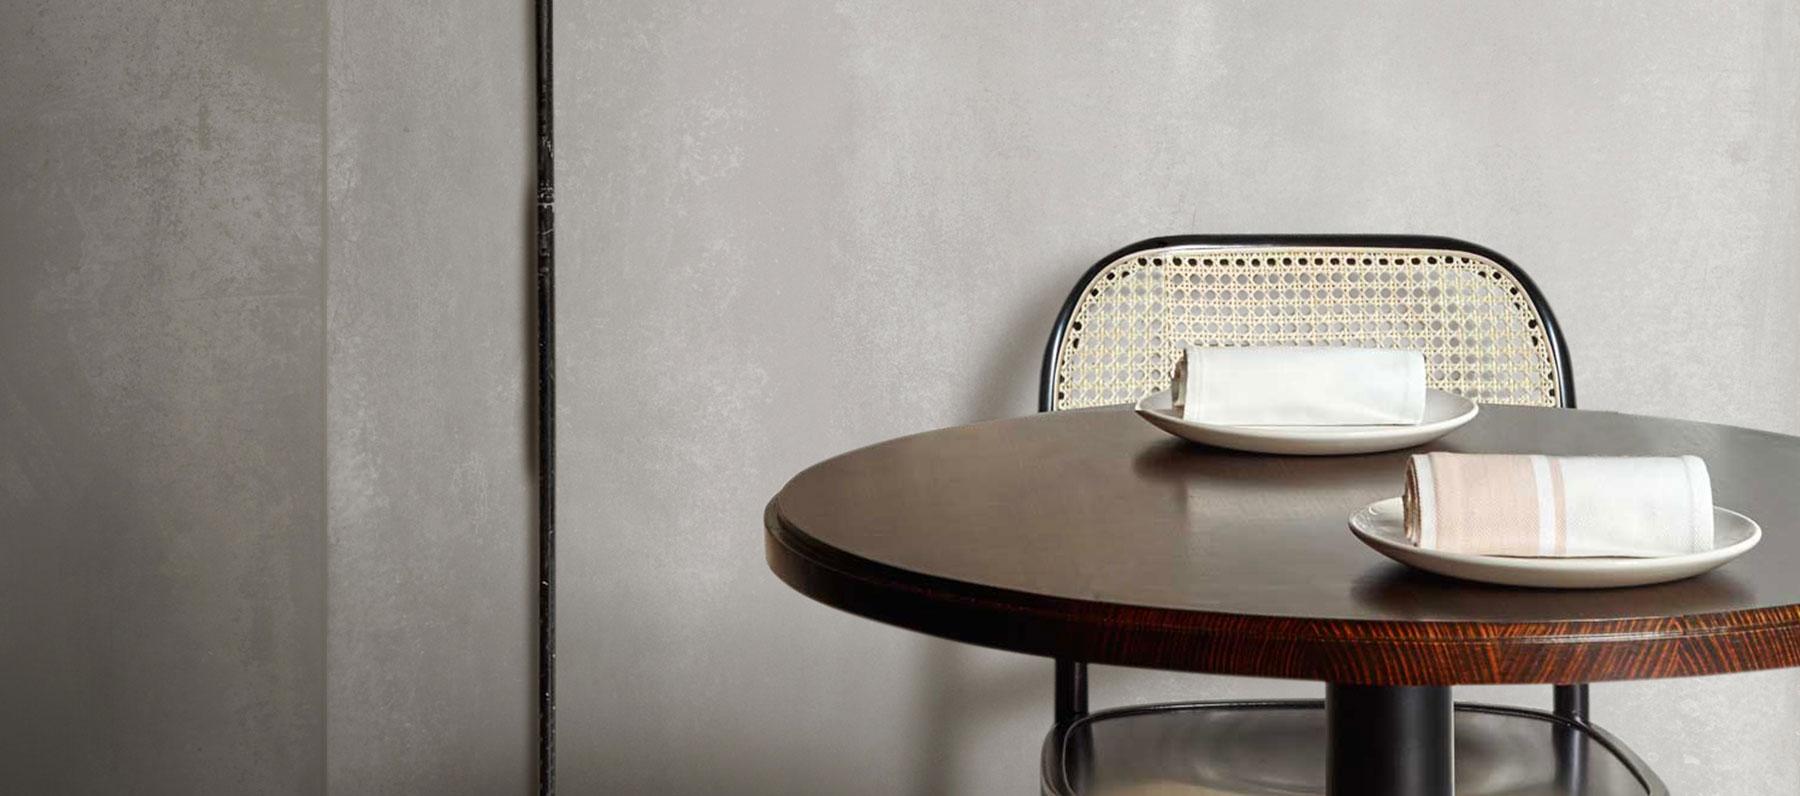 La collezione Metallica per dare vita a uffici moderni con elementi di design